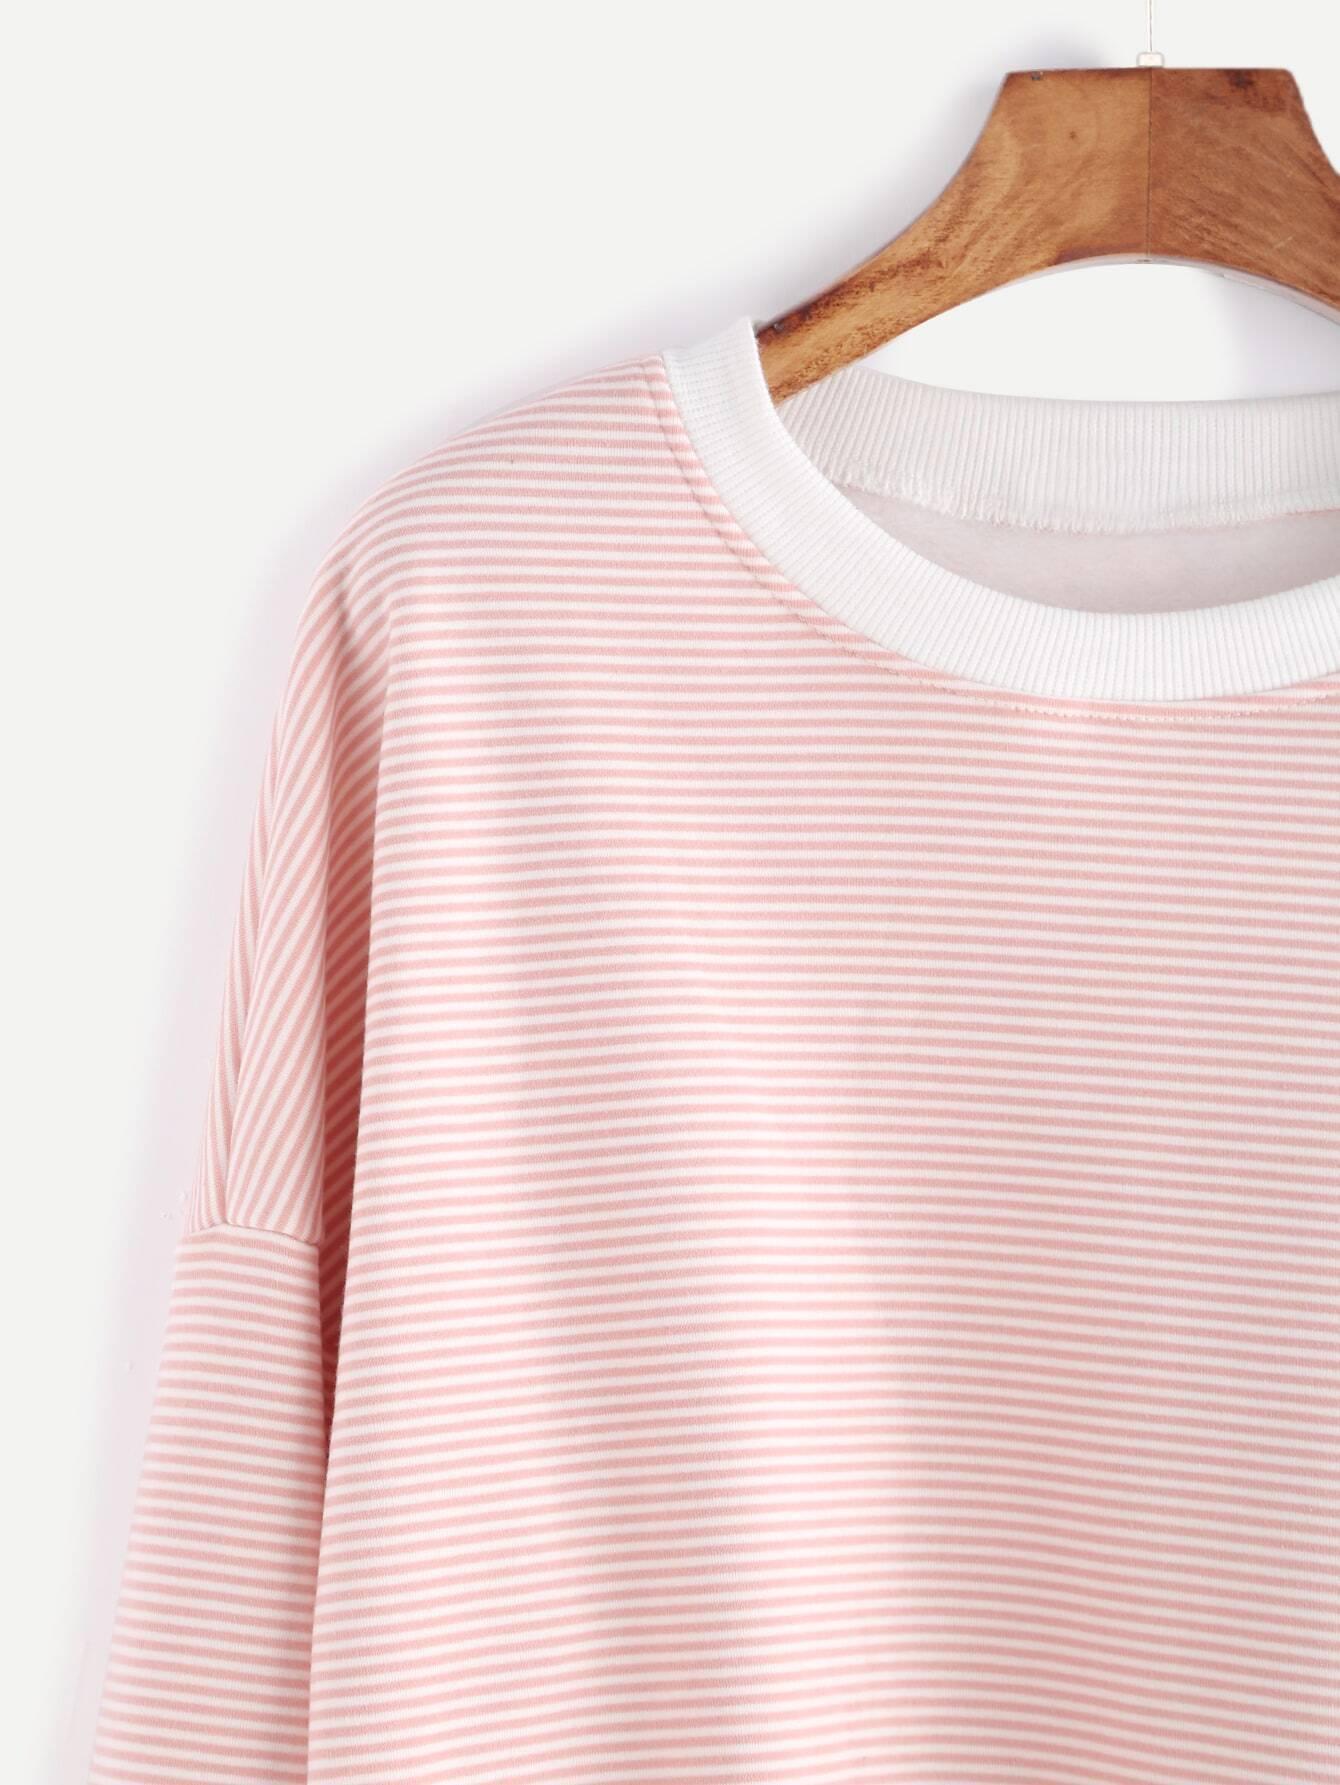 sweatshirt161114001_2